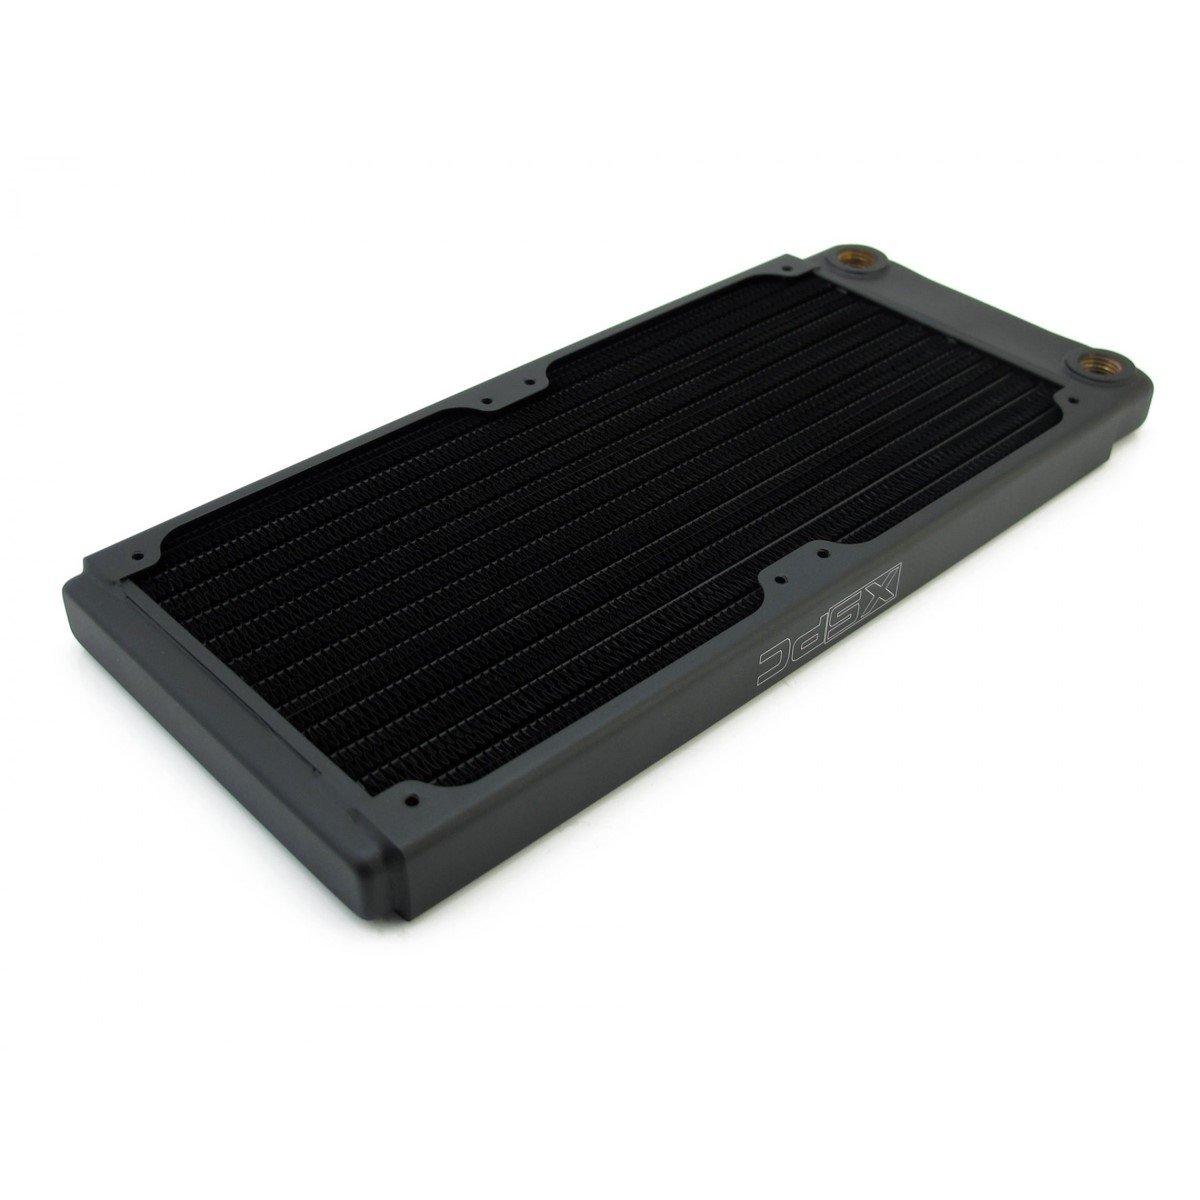 XSPC TX240 Ultra Thin Radiator, 120mm x 2, Dual Fan, Black